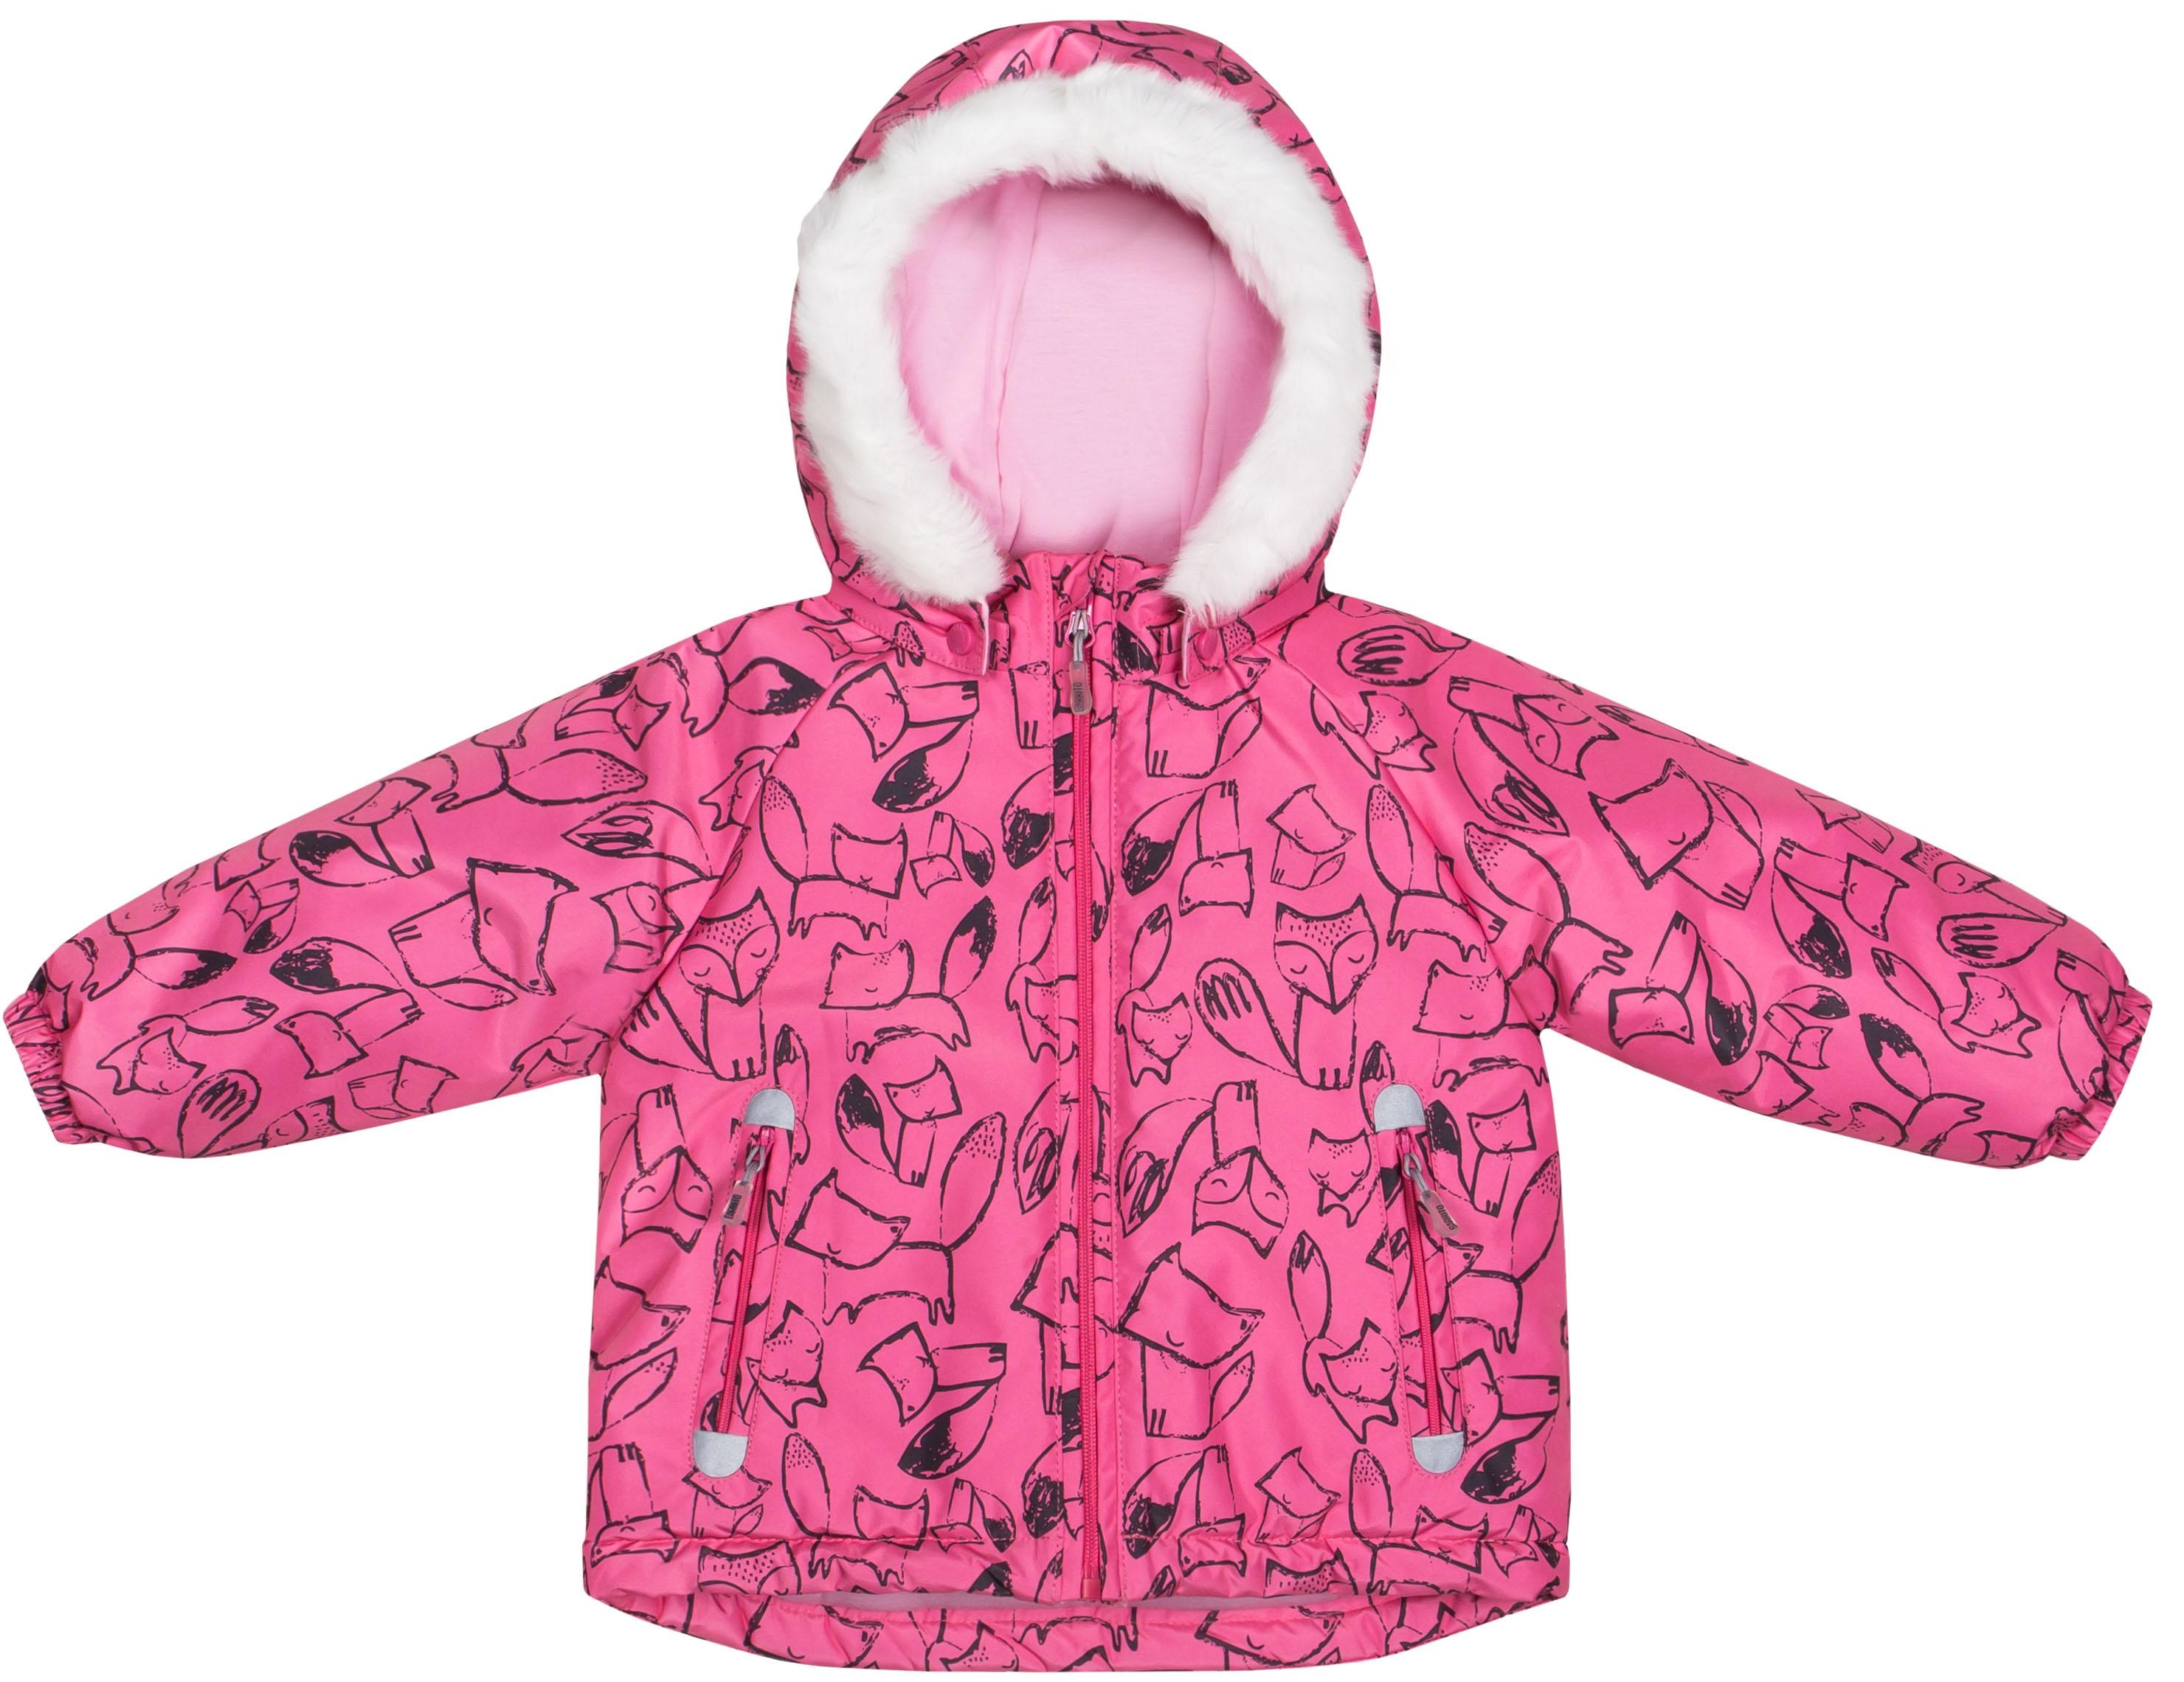 Купить Комплект для девочки куртка и полукомбинезон, model, 1шт., Barkito W17G1005P, Китай, верх -розовый с рисунком лисички , низ - серый, Женский